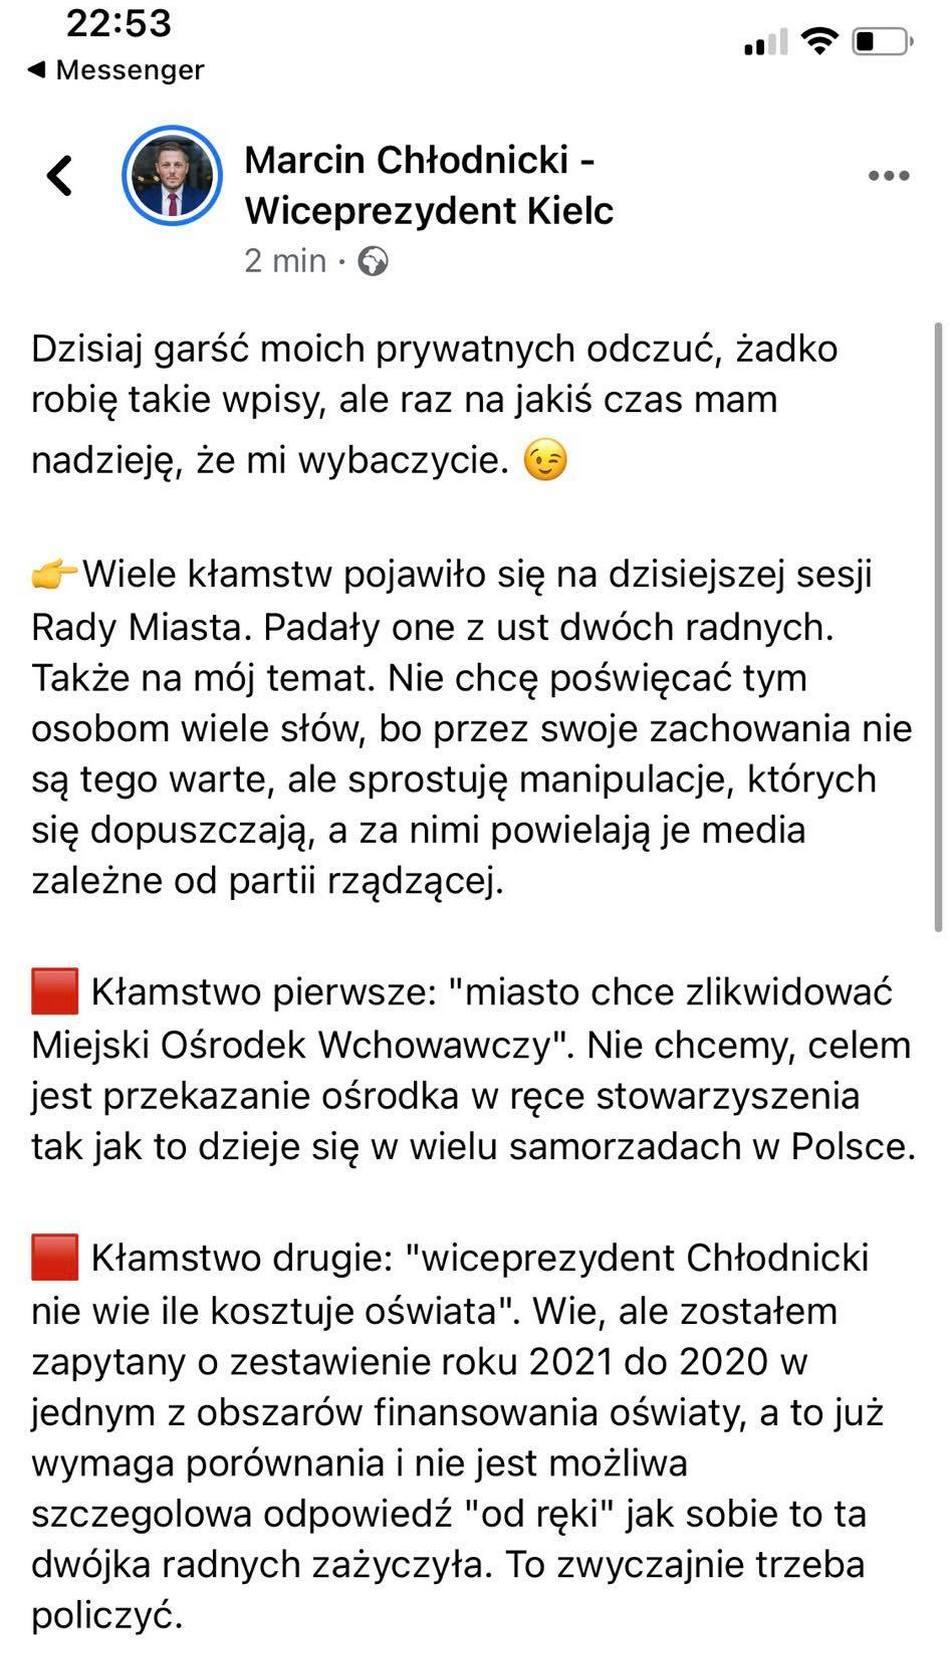 Kompromitacja wiceprezydenta Chłodnickiego? Chamstwo i kłamstwa na sesji?